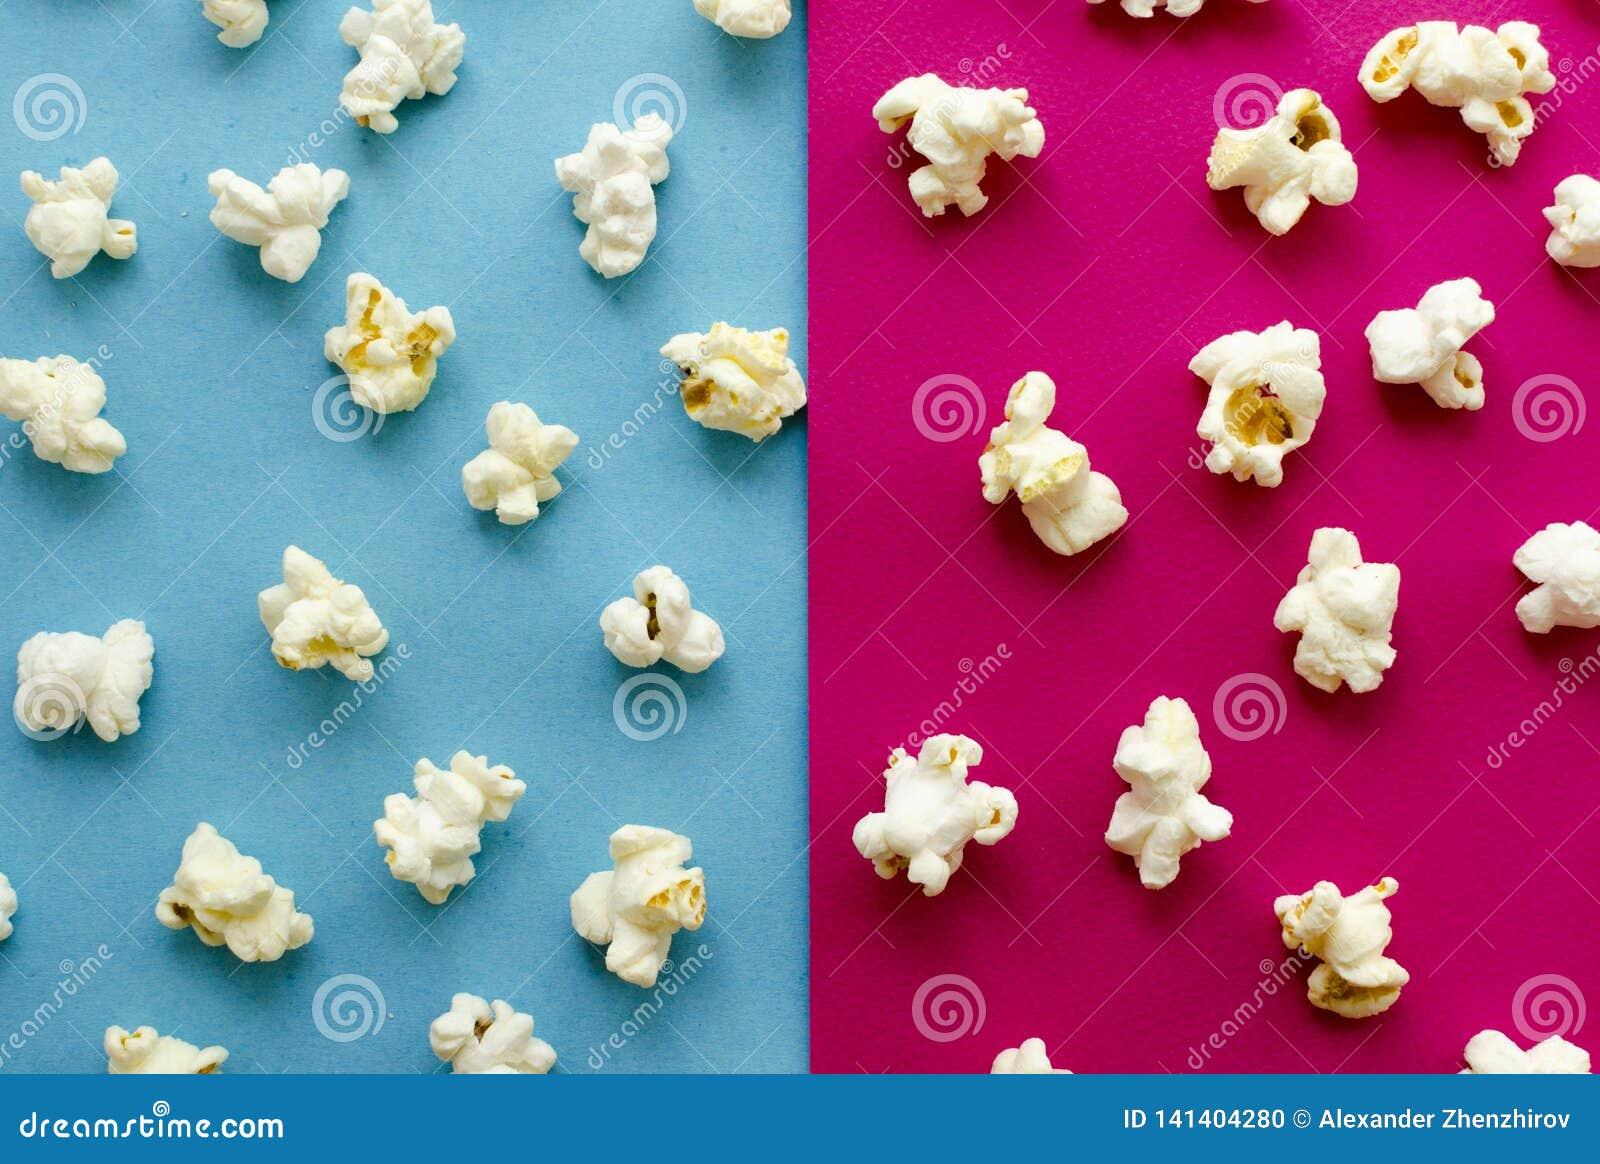 在桃红色和蓝色背景的玉米花